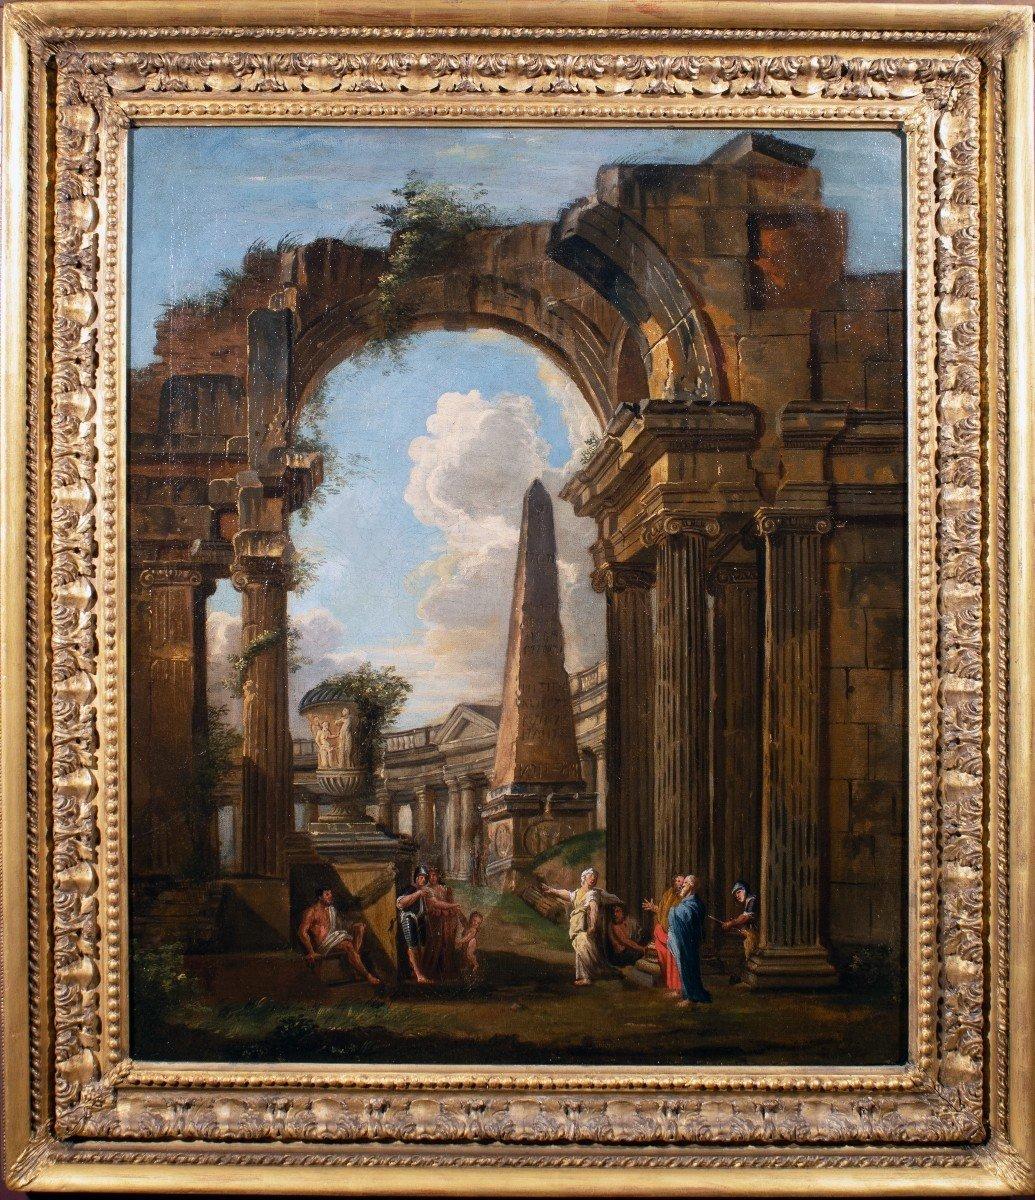 Paysage De Ruines, Atelier De Giovanni Panini, Huille Sur Toile, XVIIIème Siècle.